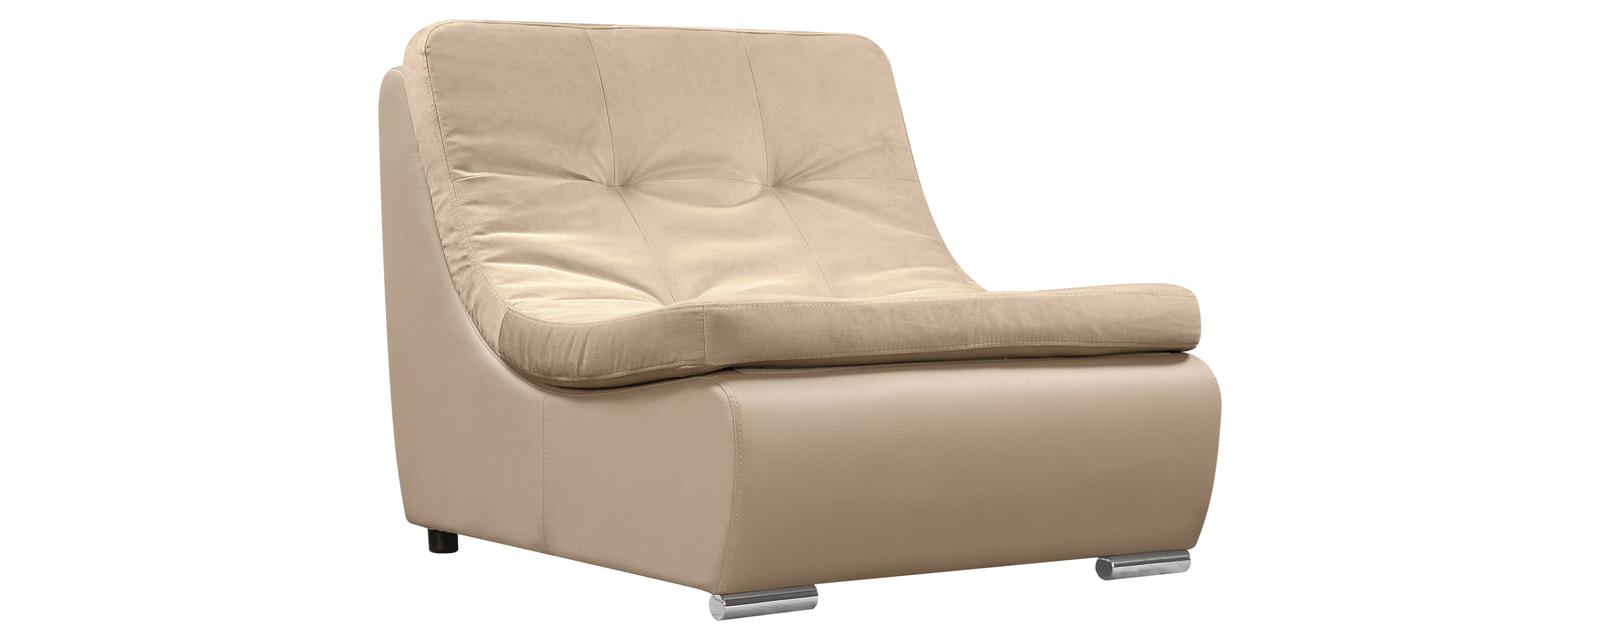 Кресло тканевое Лос-Анджелес Velure бежевый (Ткань + Экокожа)